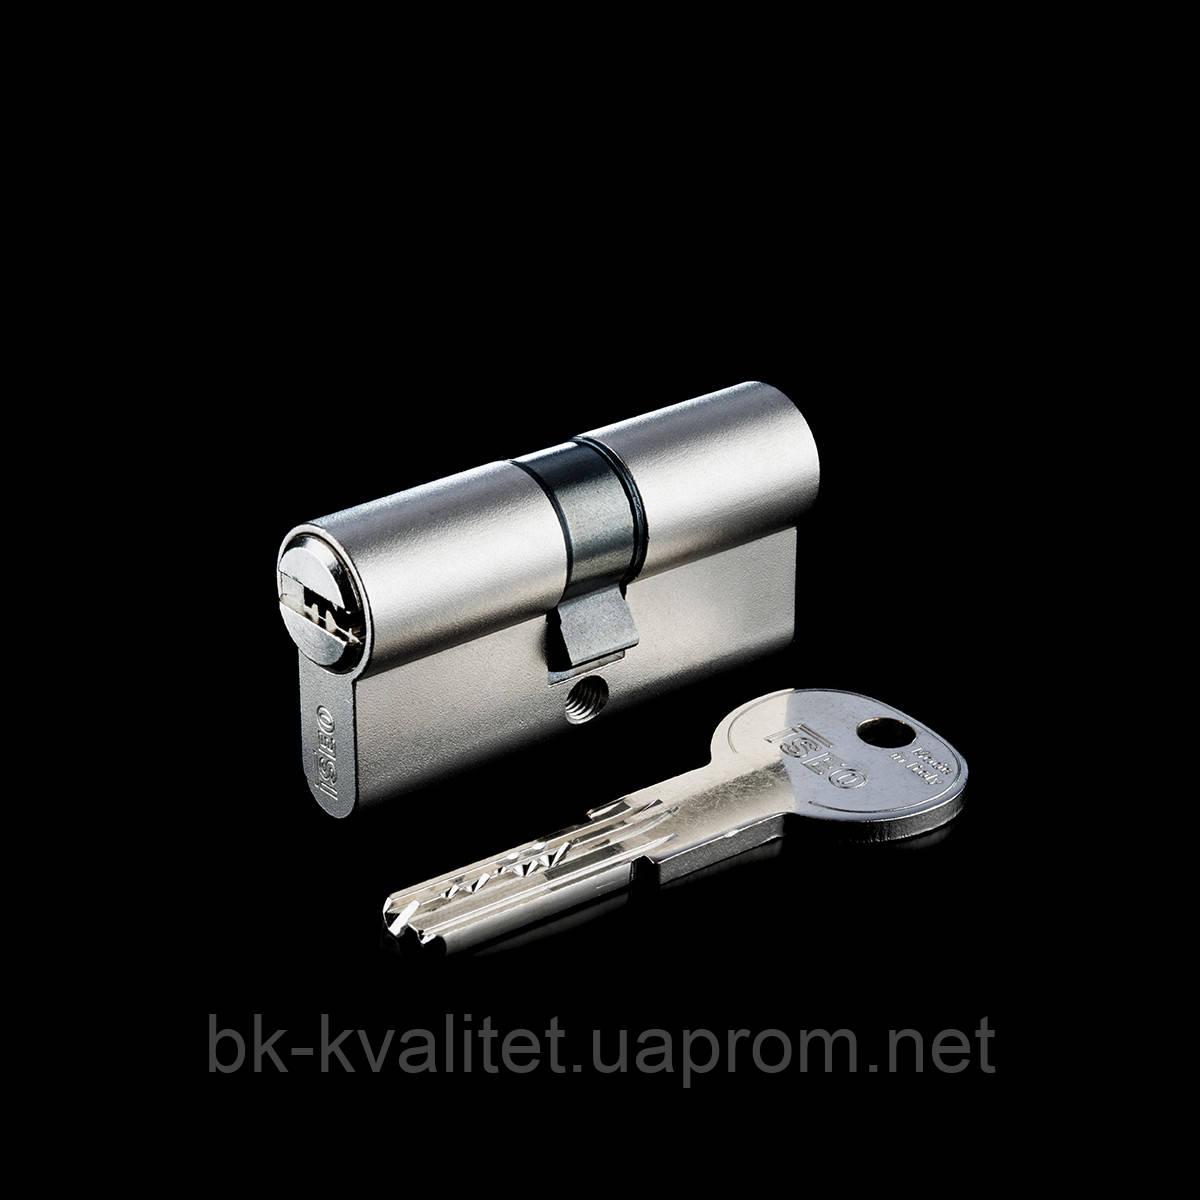 Цилиндр ISEO R6 90 (40х50) ключ/ключ, никель